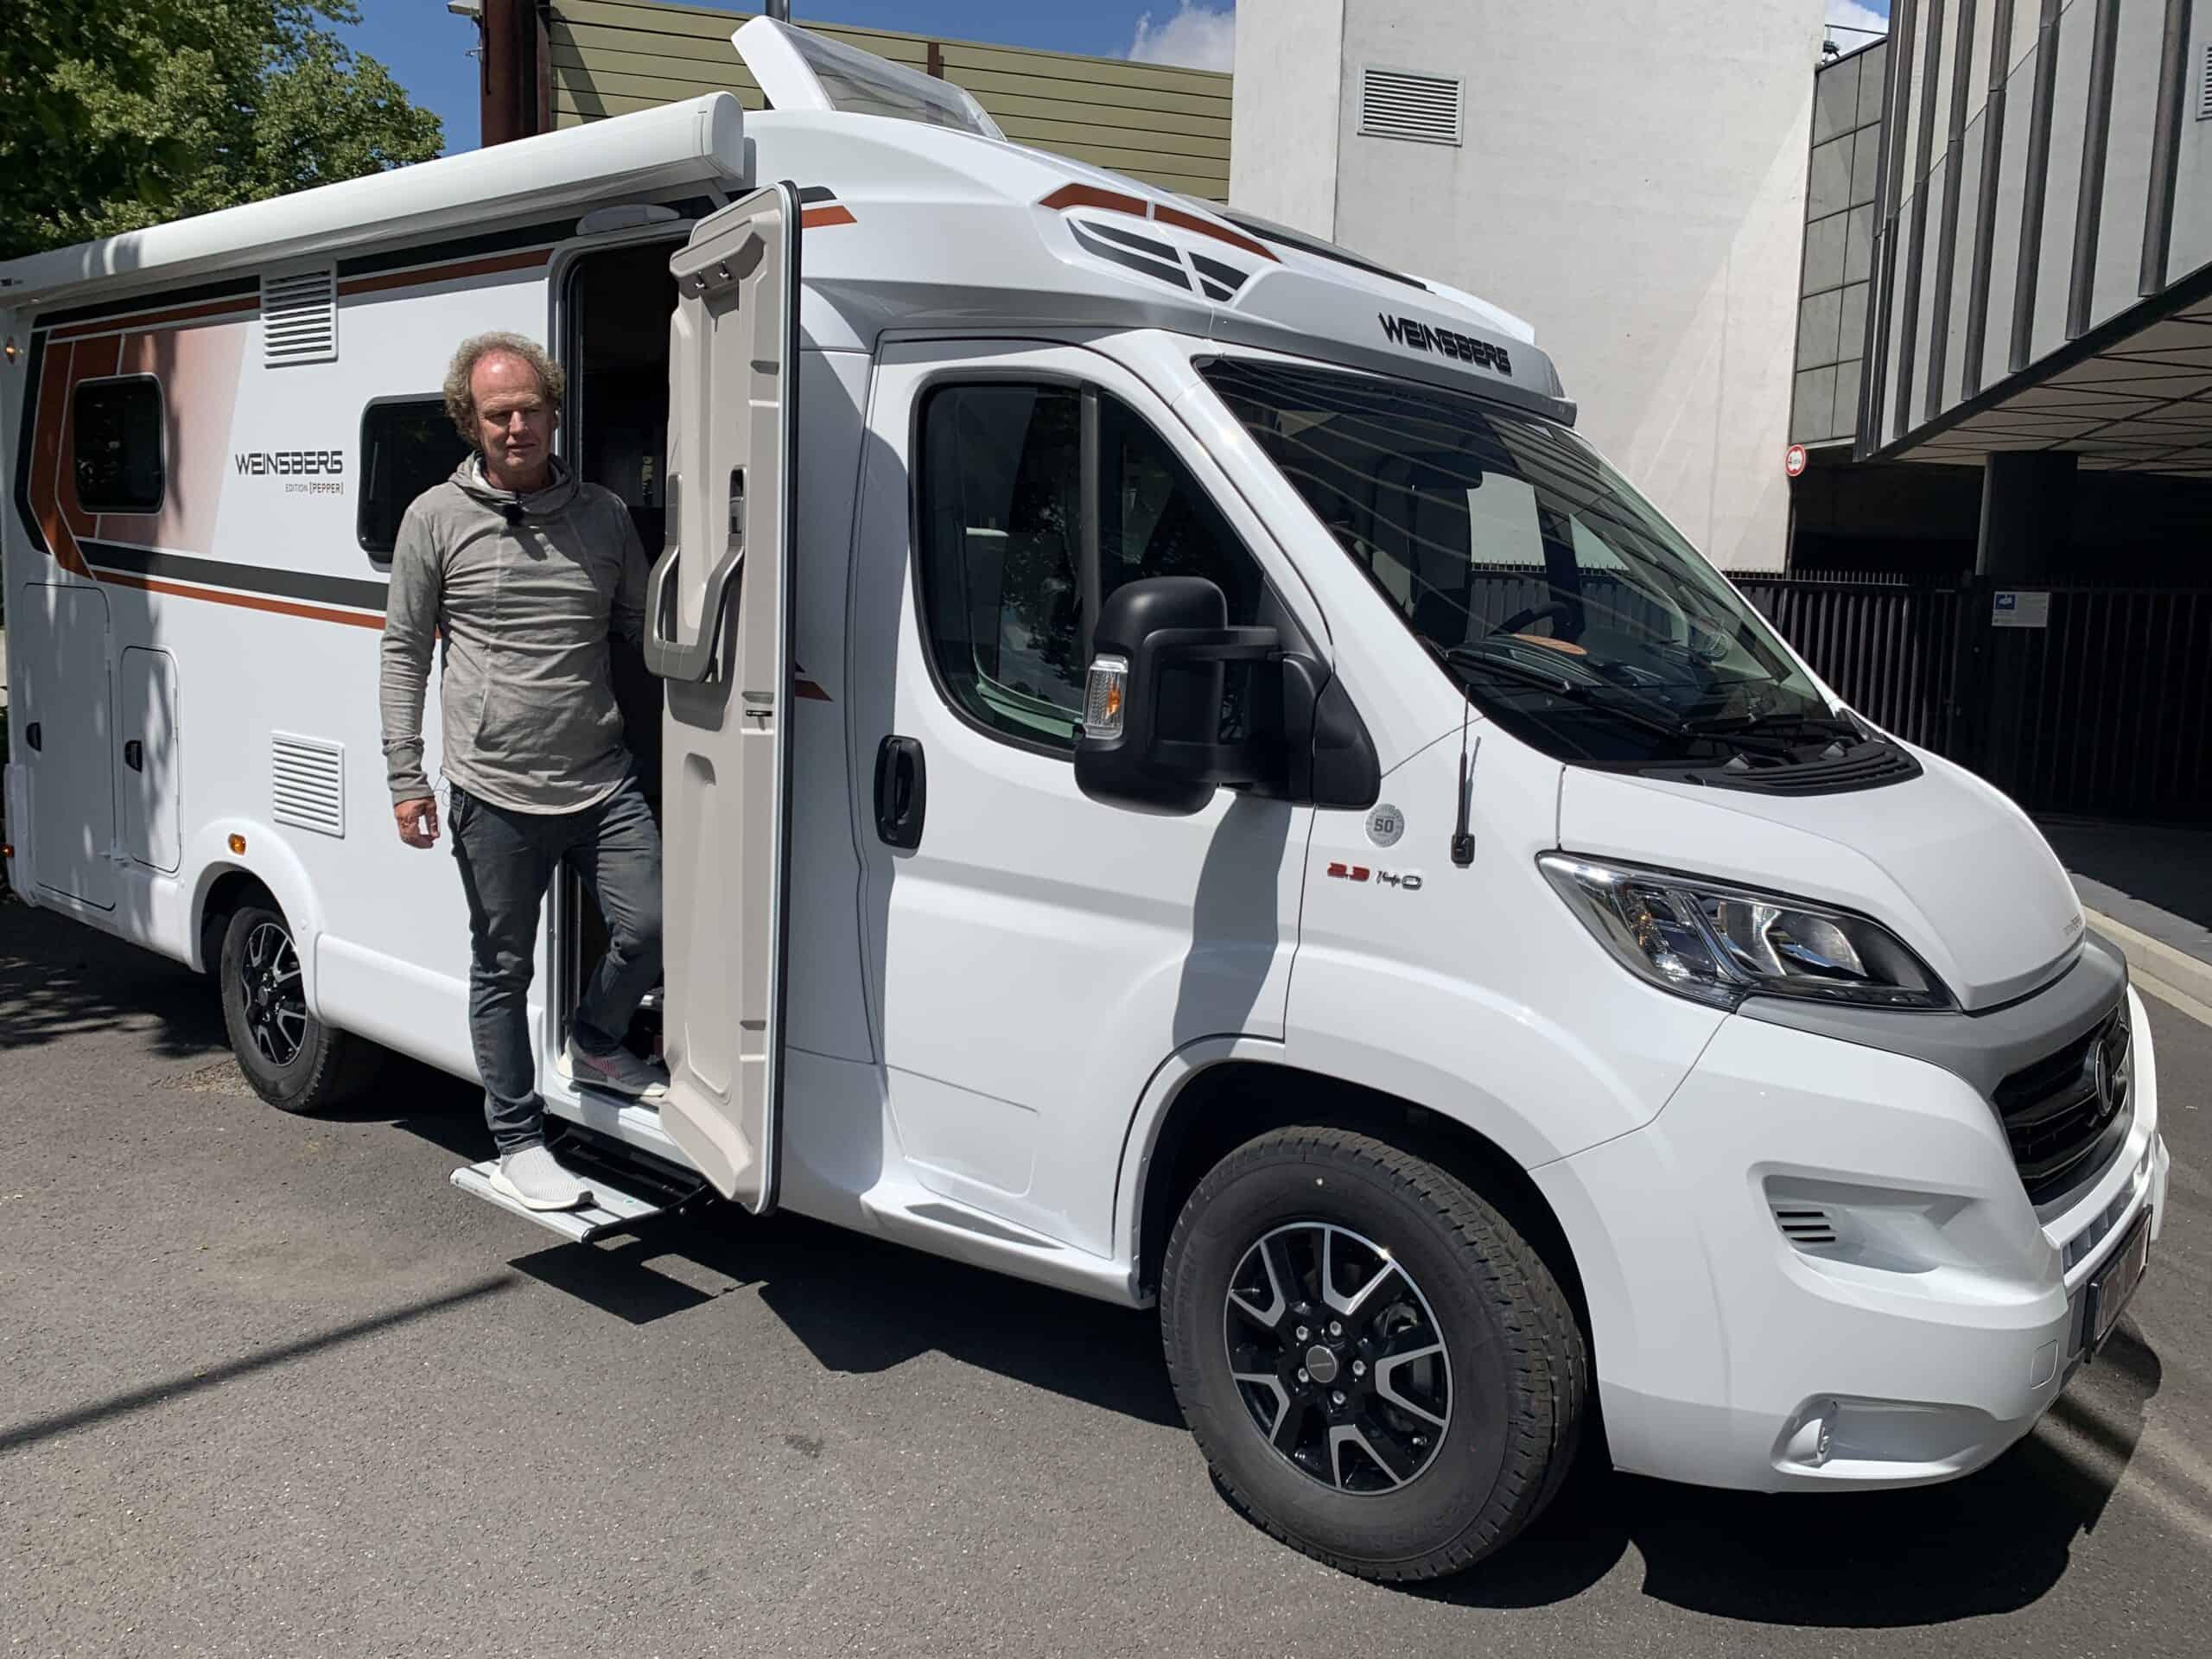 2020 Weinsberg Pepper (140 PS) - Scharfes Kompakt -Reisemobil - Neu: auf Ducato Basis